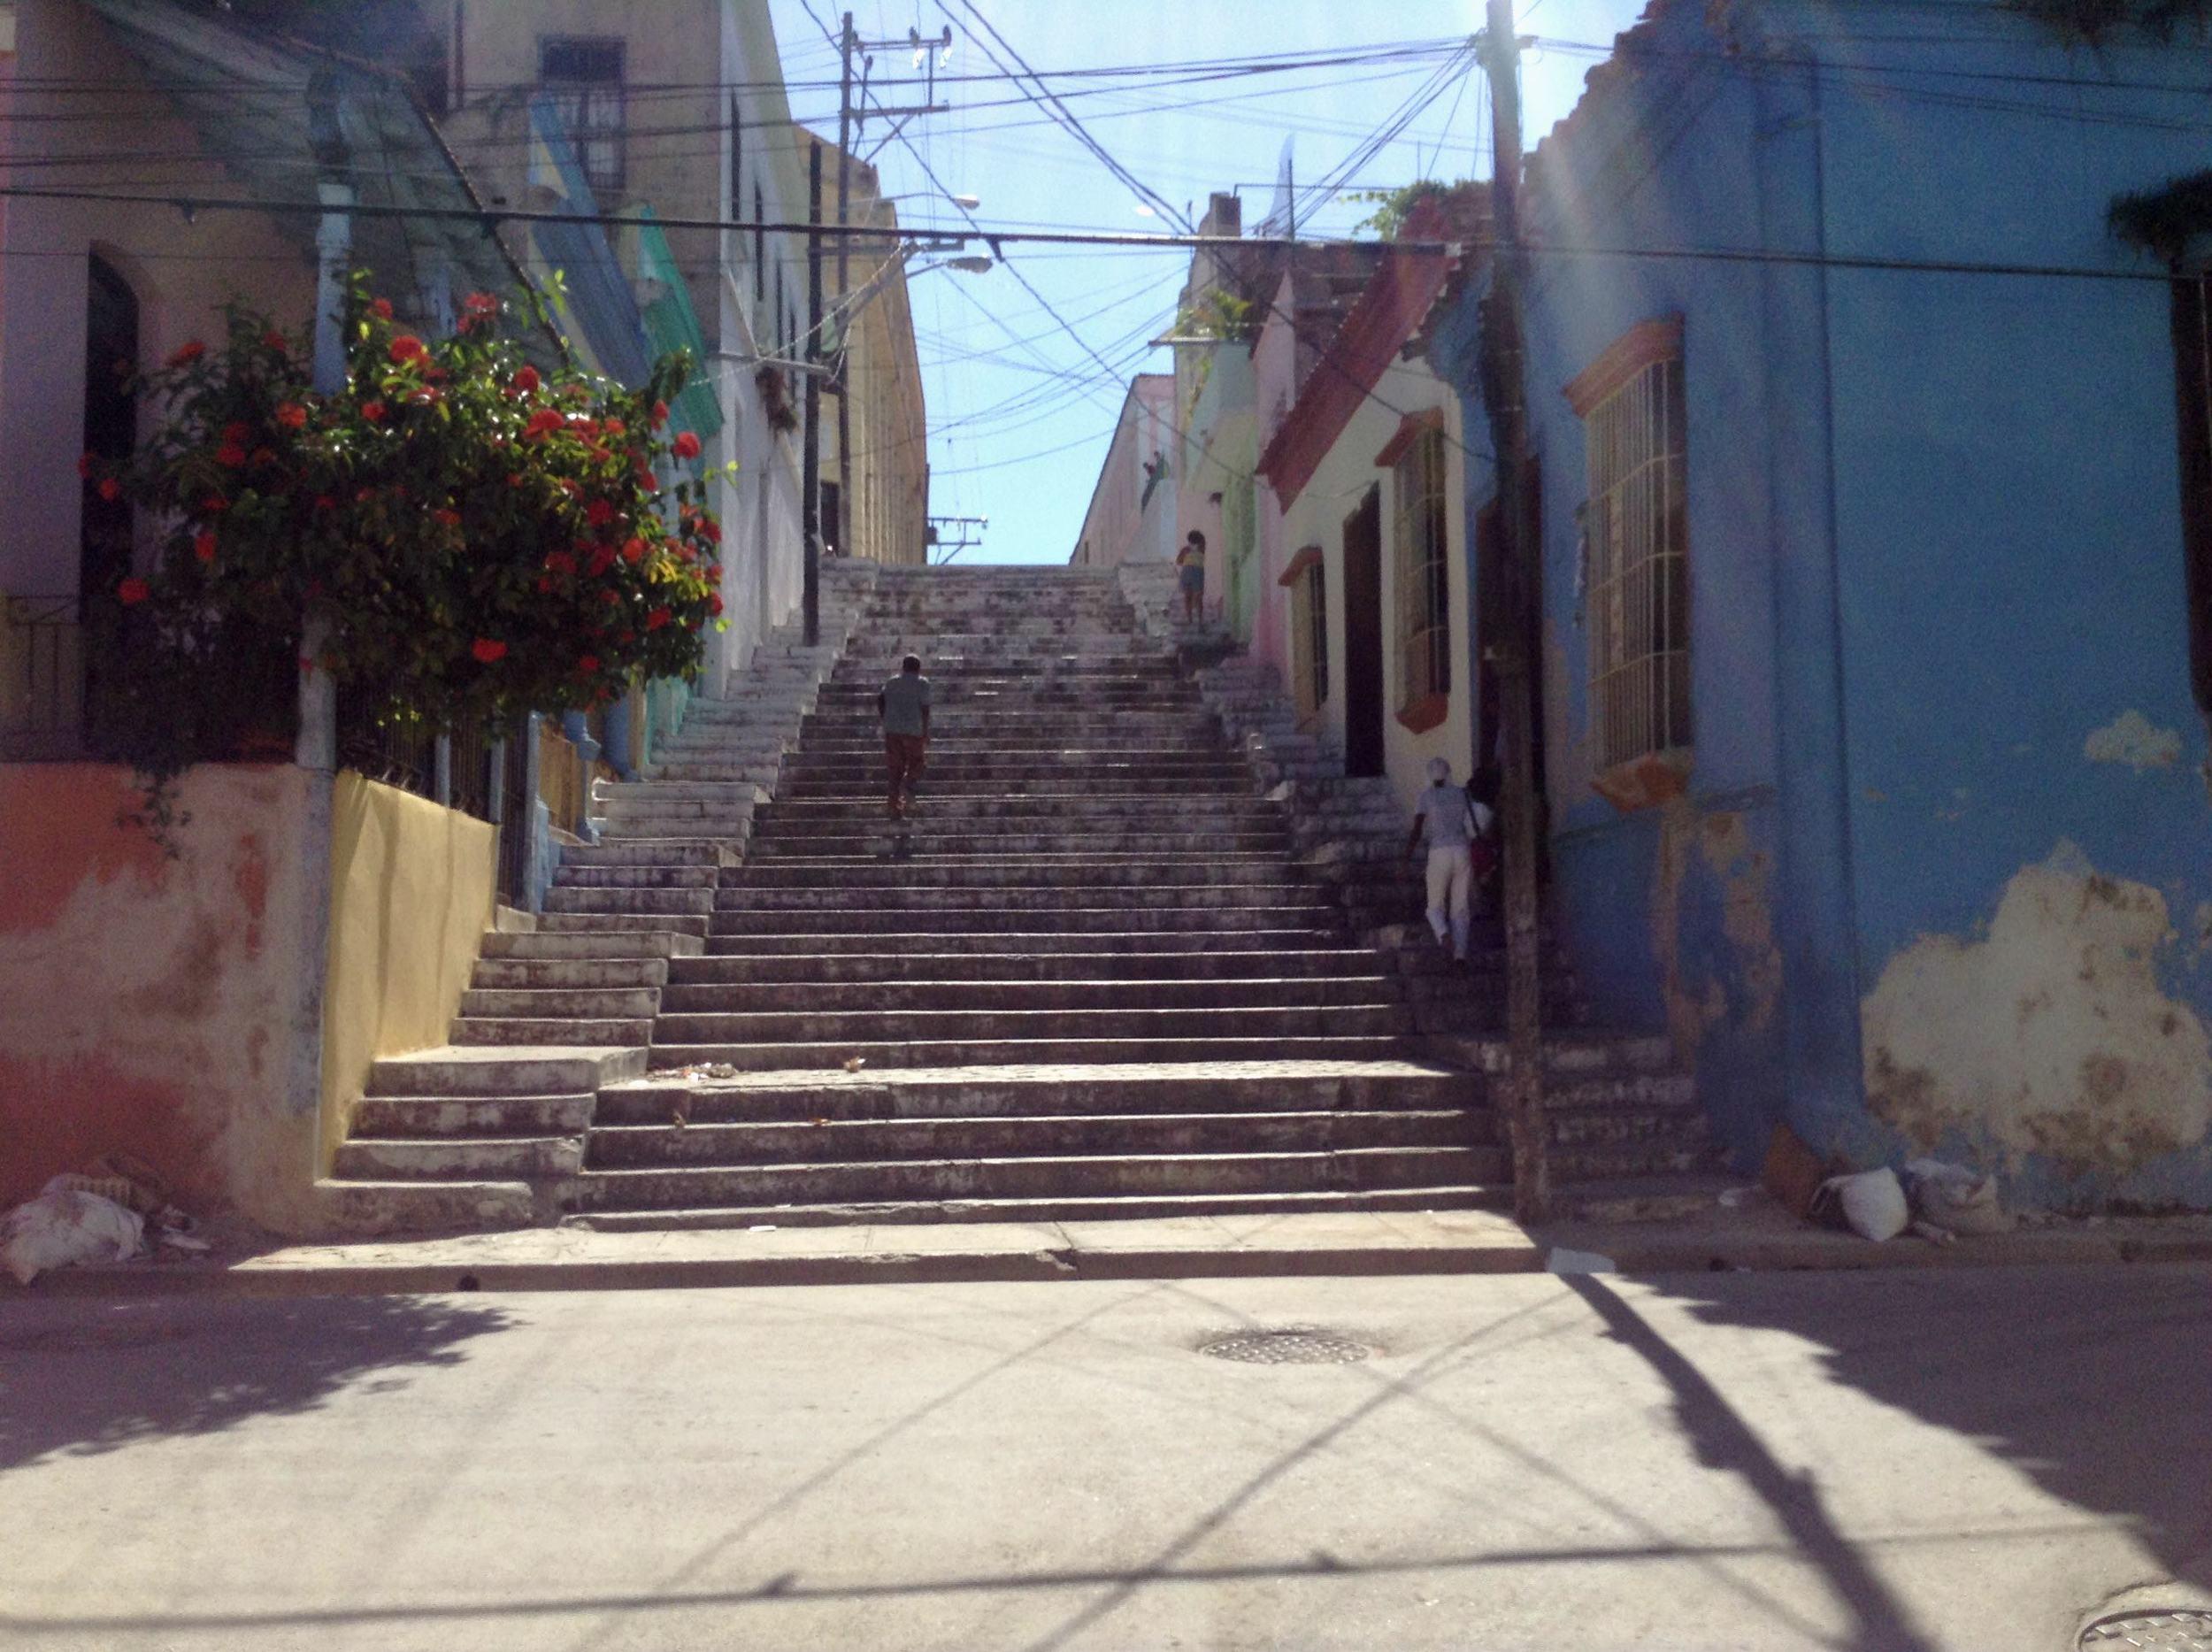 Stairs  copy.jpg